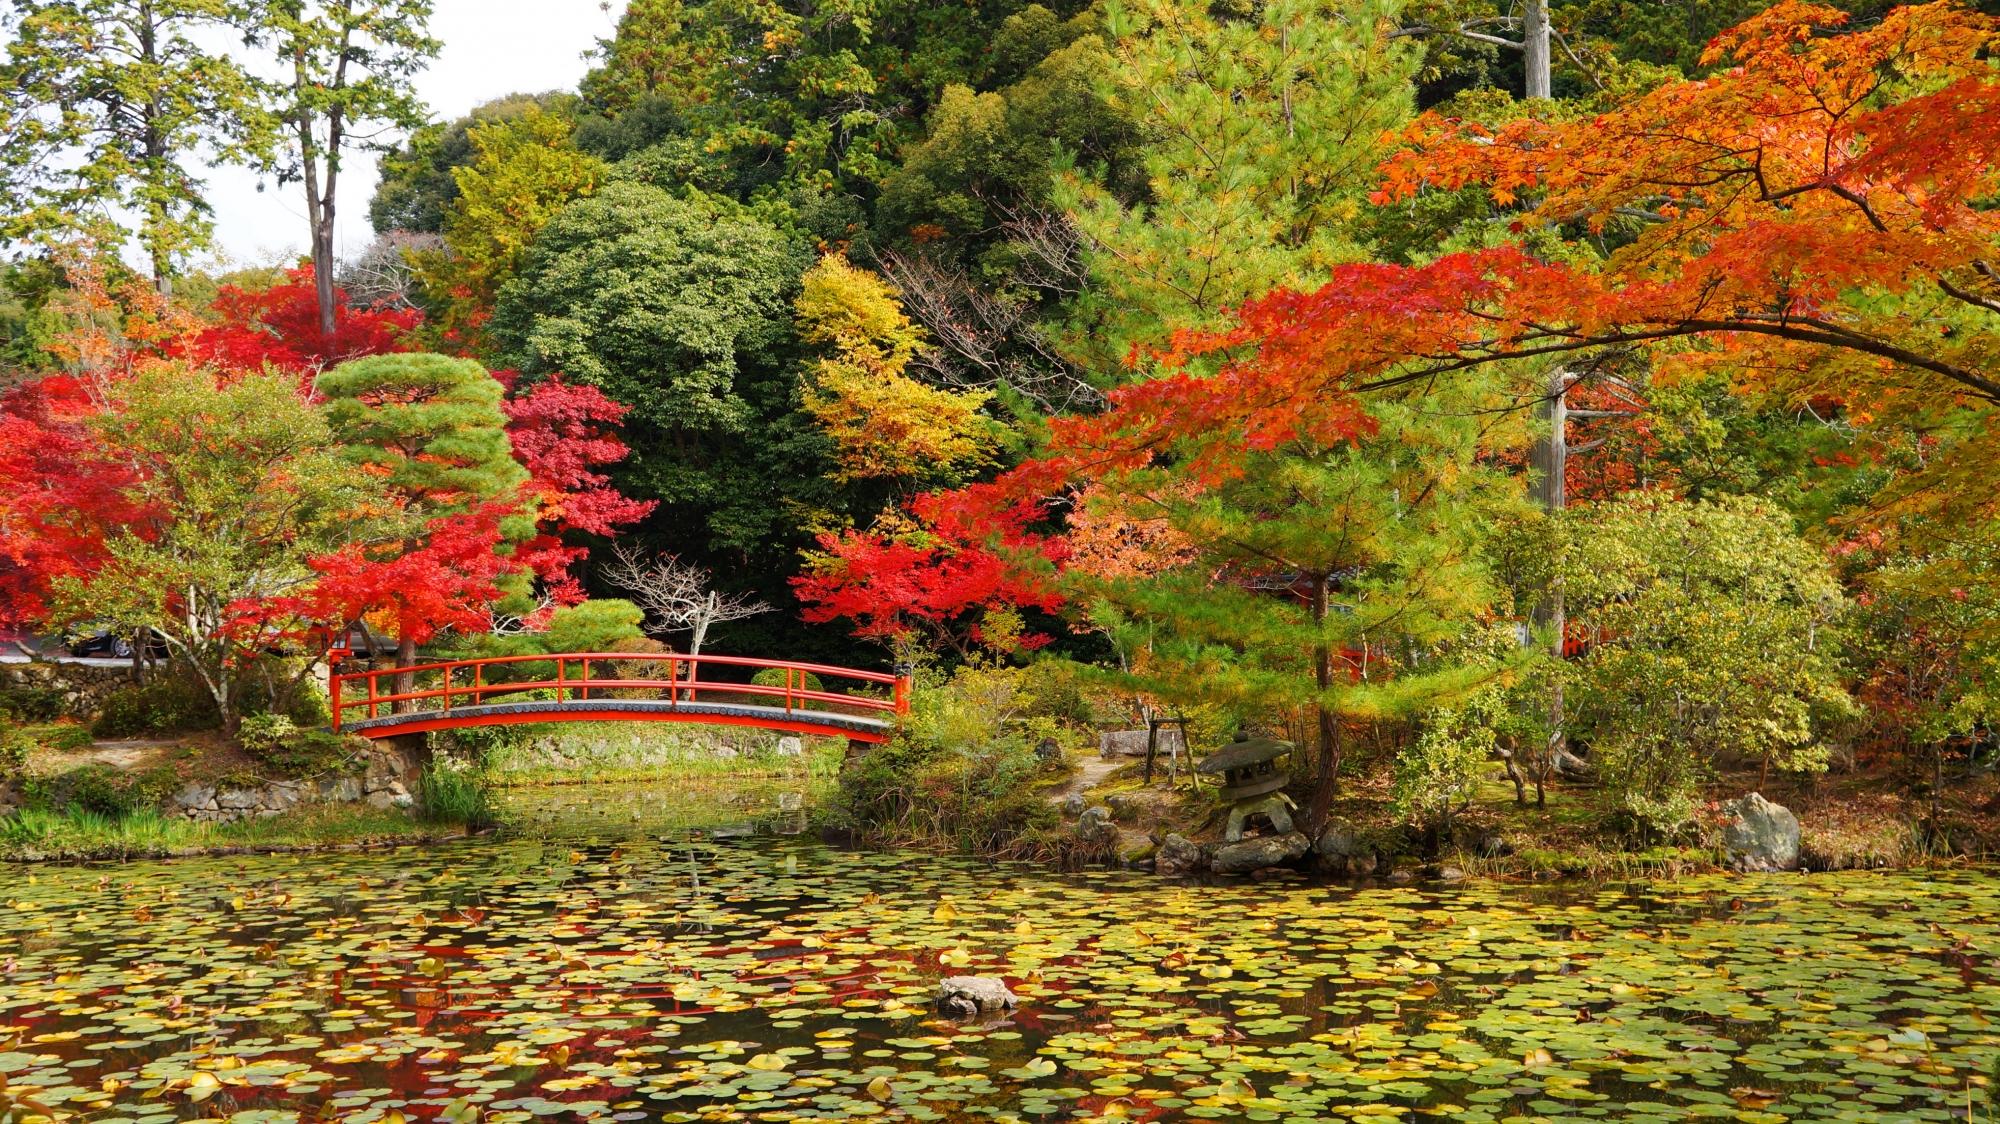 鯉沢の池の緑の睡蓮の葉と色とりどりの紅葉